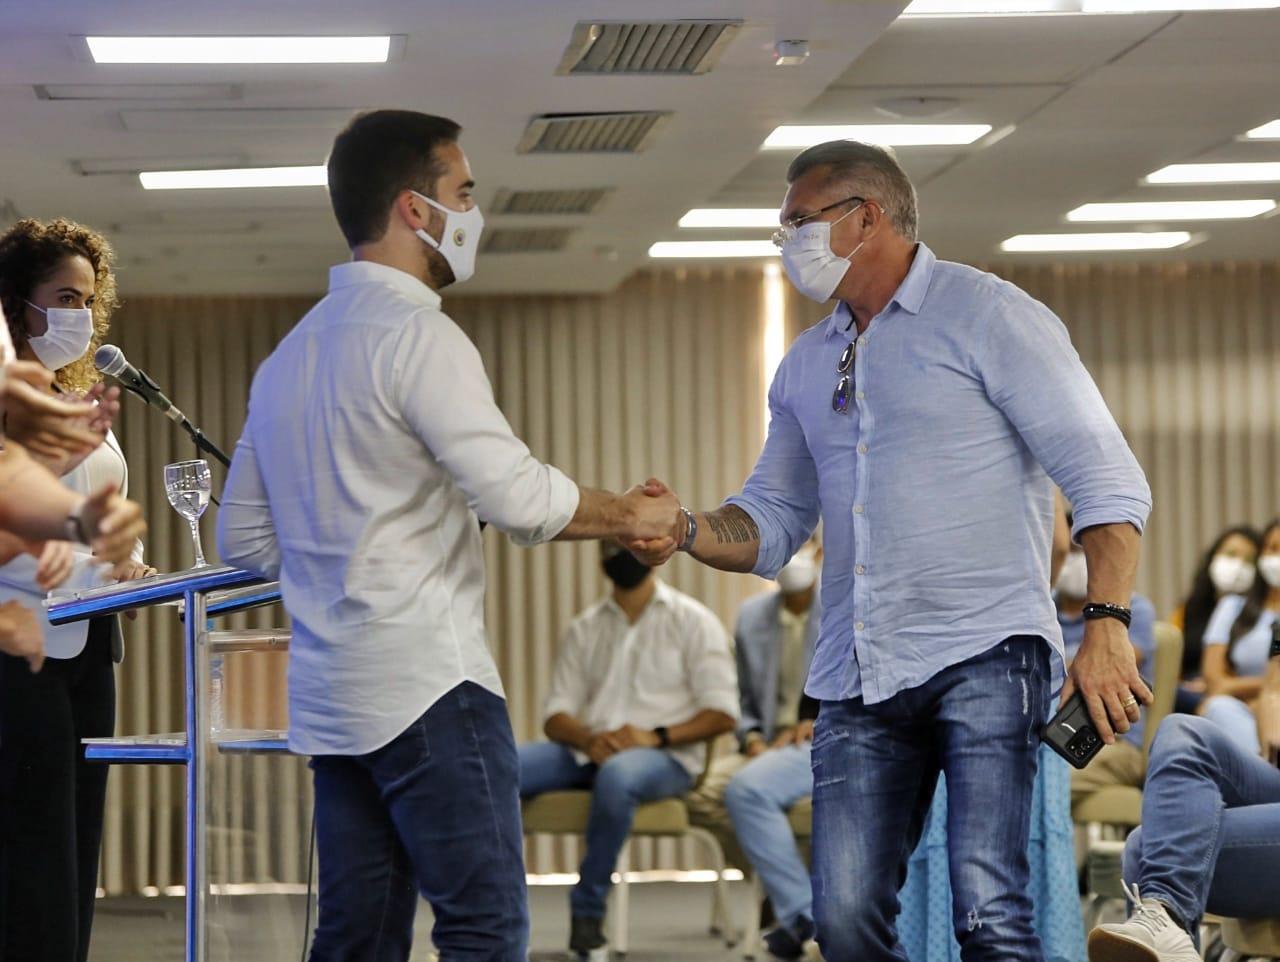 7DEB50FD 4405 4034 B664 8595D2DB8345 - 'GOSTO DE OUVIR E DIALOGAR': Julian Lemos justifica presença em evento do PSDB com Eduardo Leite